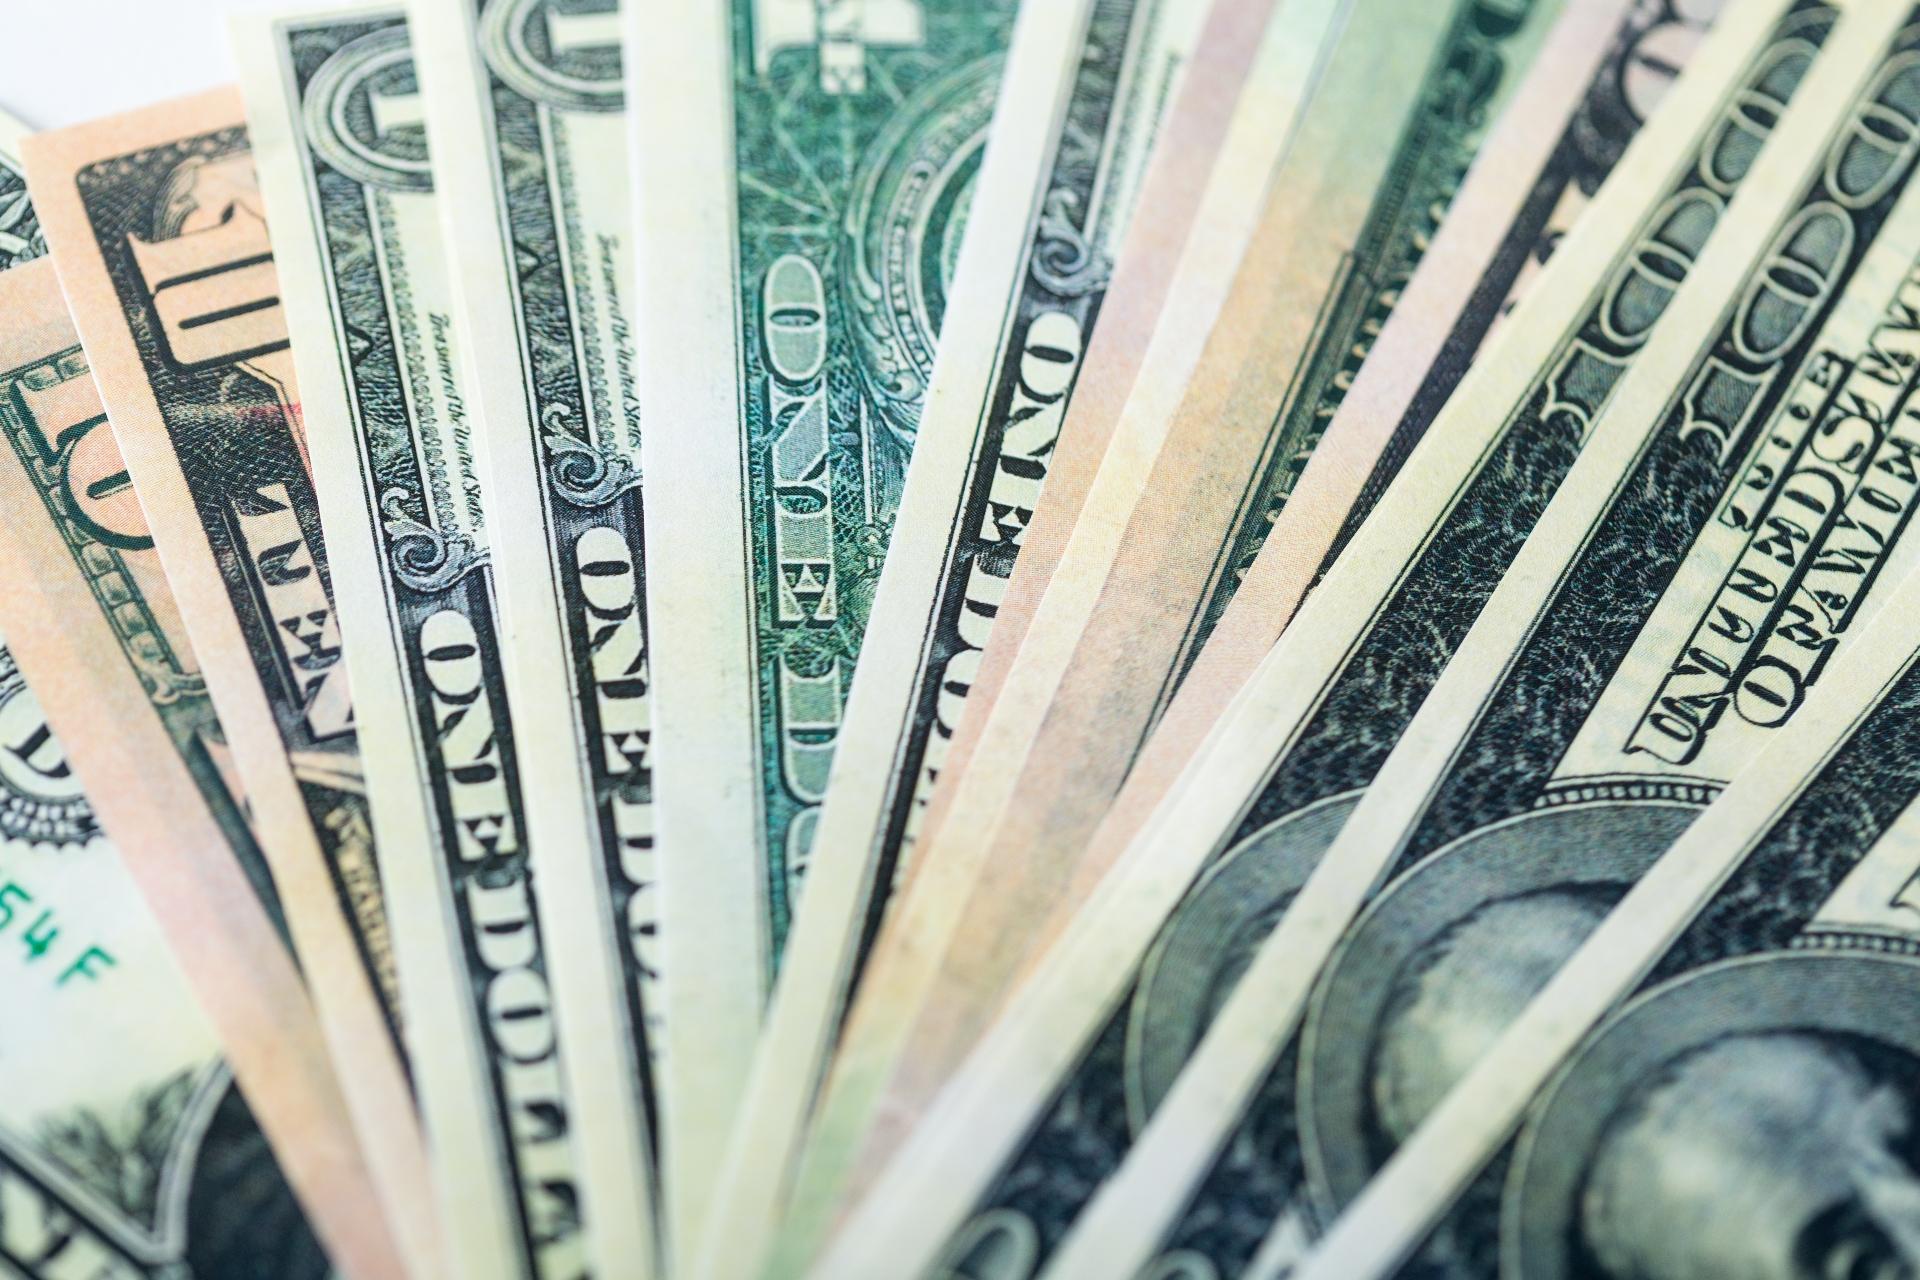 楽天が米イーベイツを10億ドルで買収 米国での事業拡大